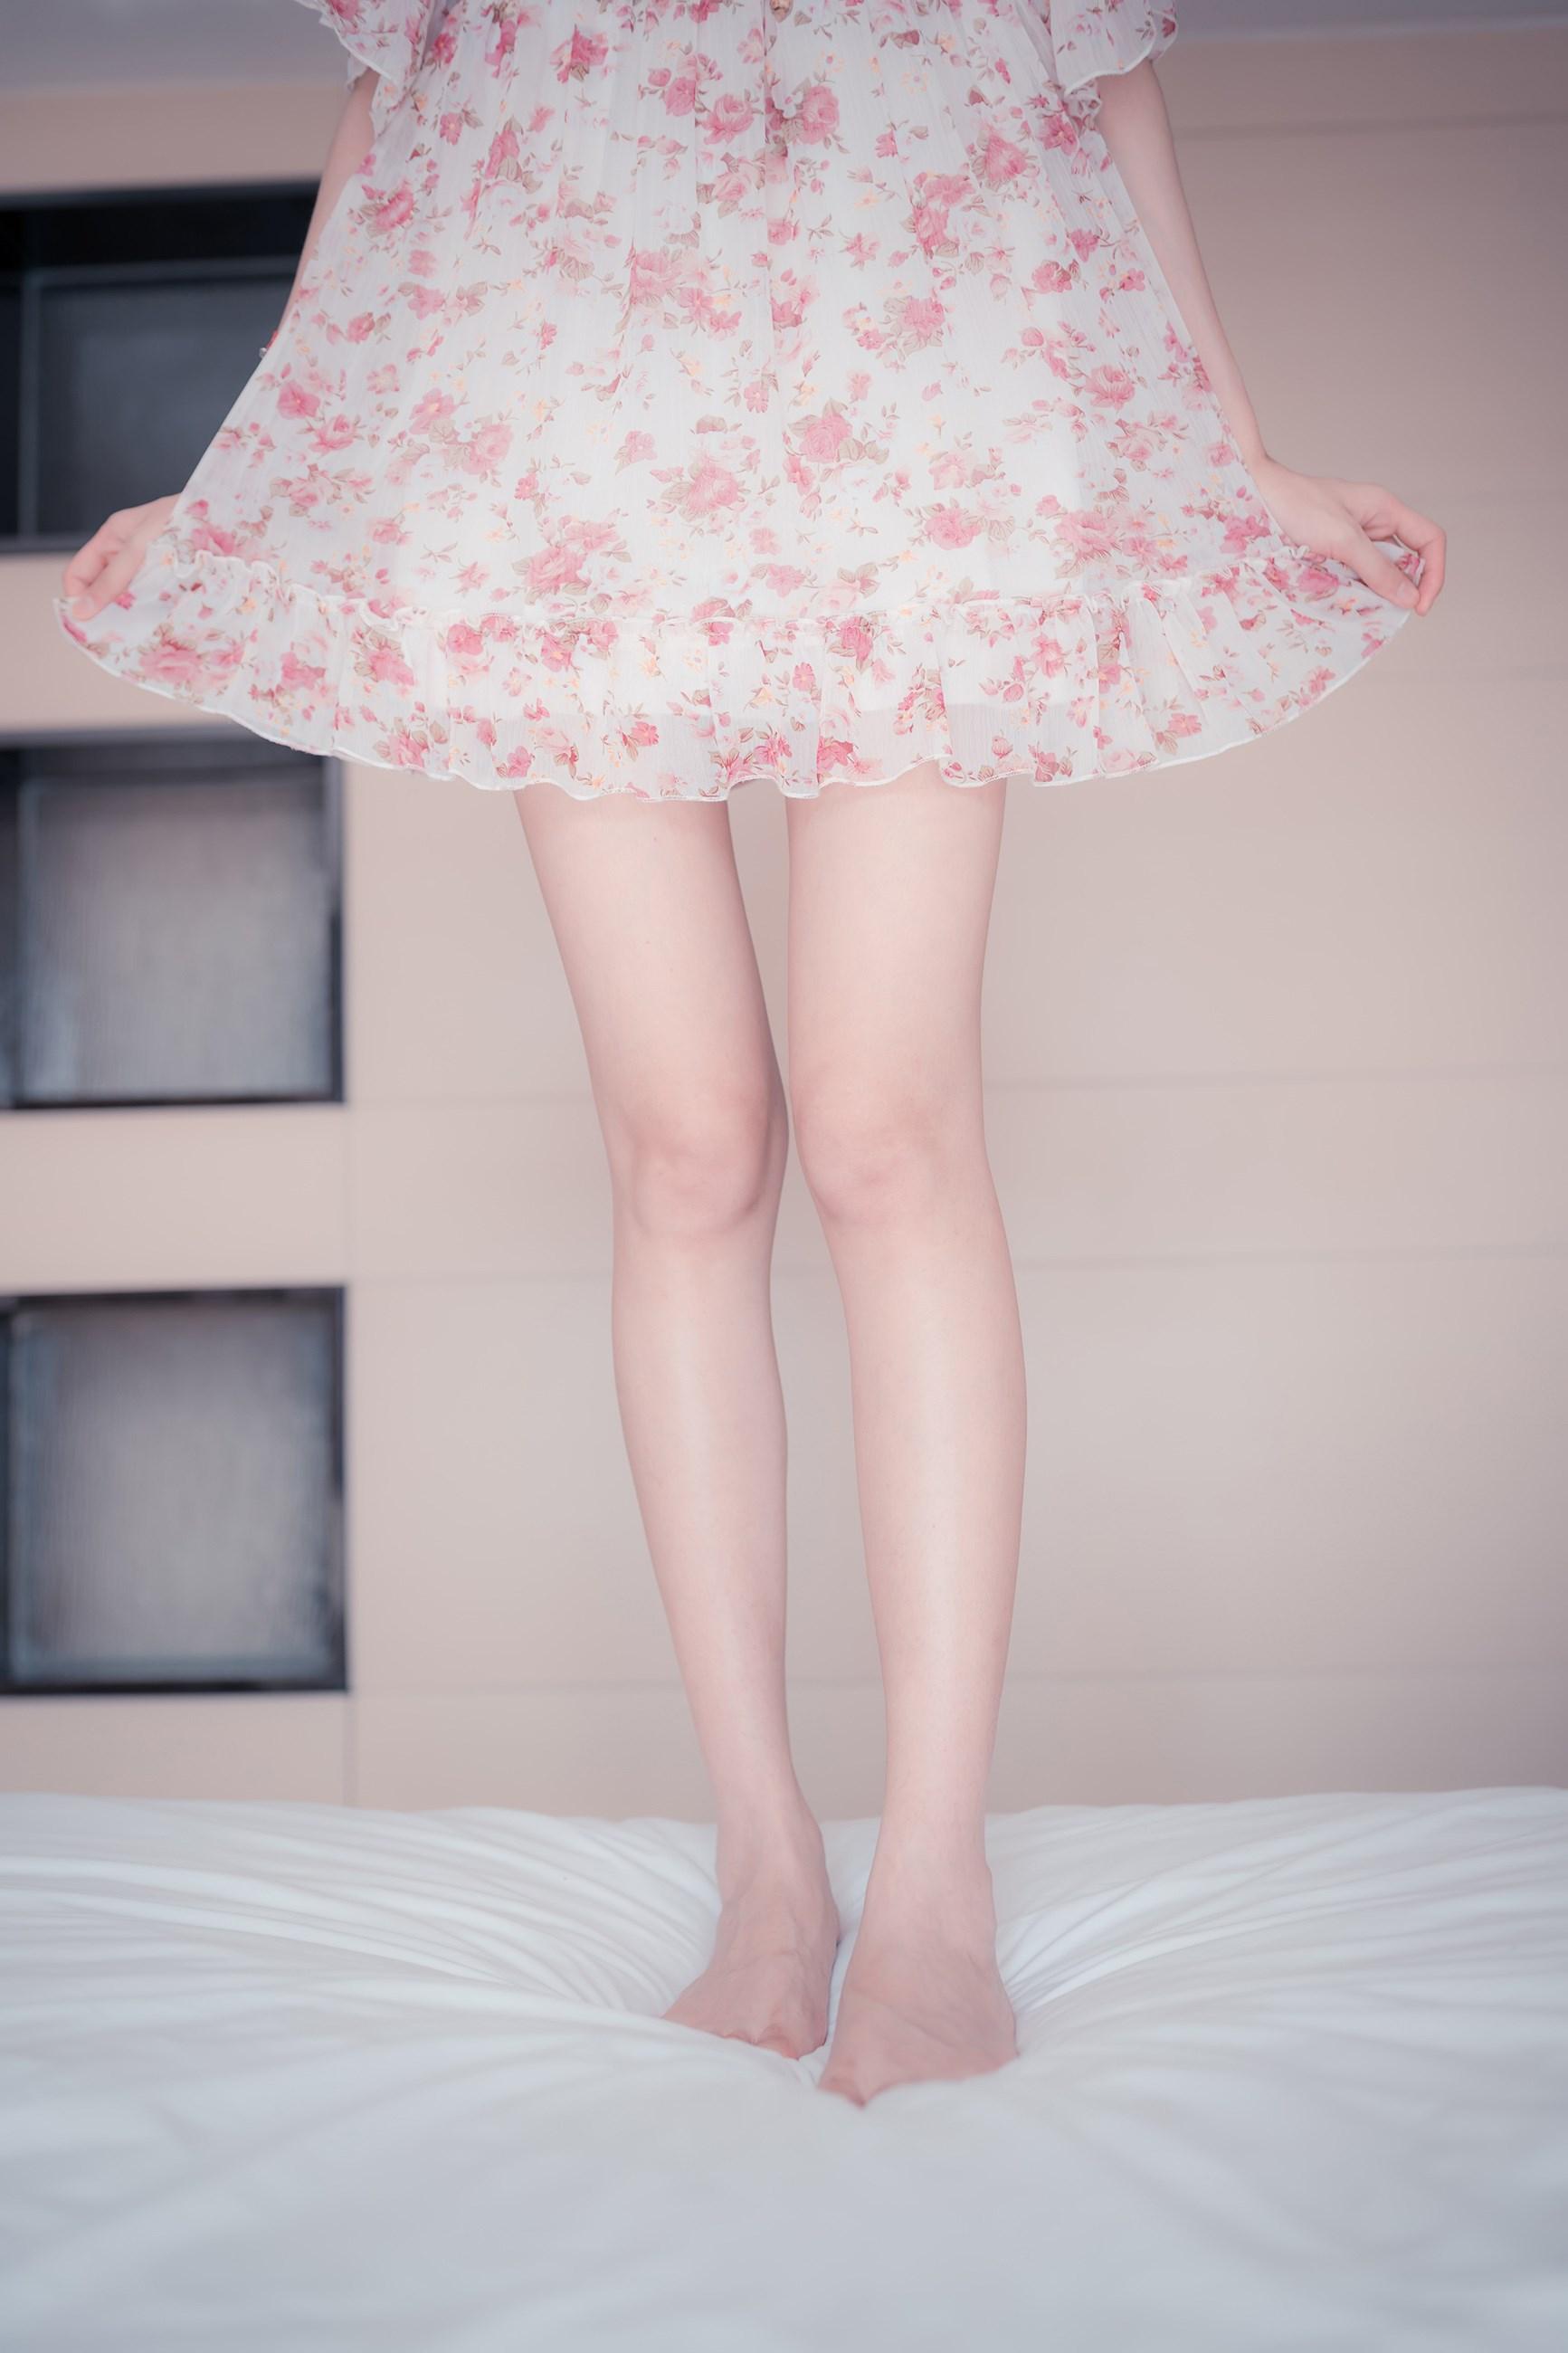 【兔玩映画】粉嫩嫩的小腿 兔玩映画 第29张